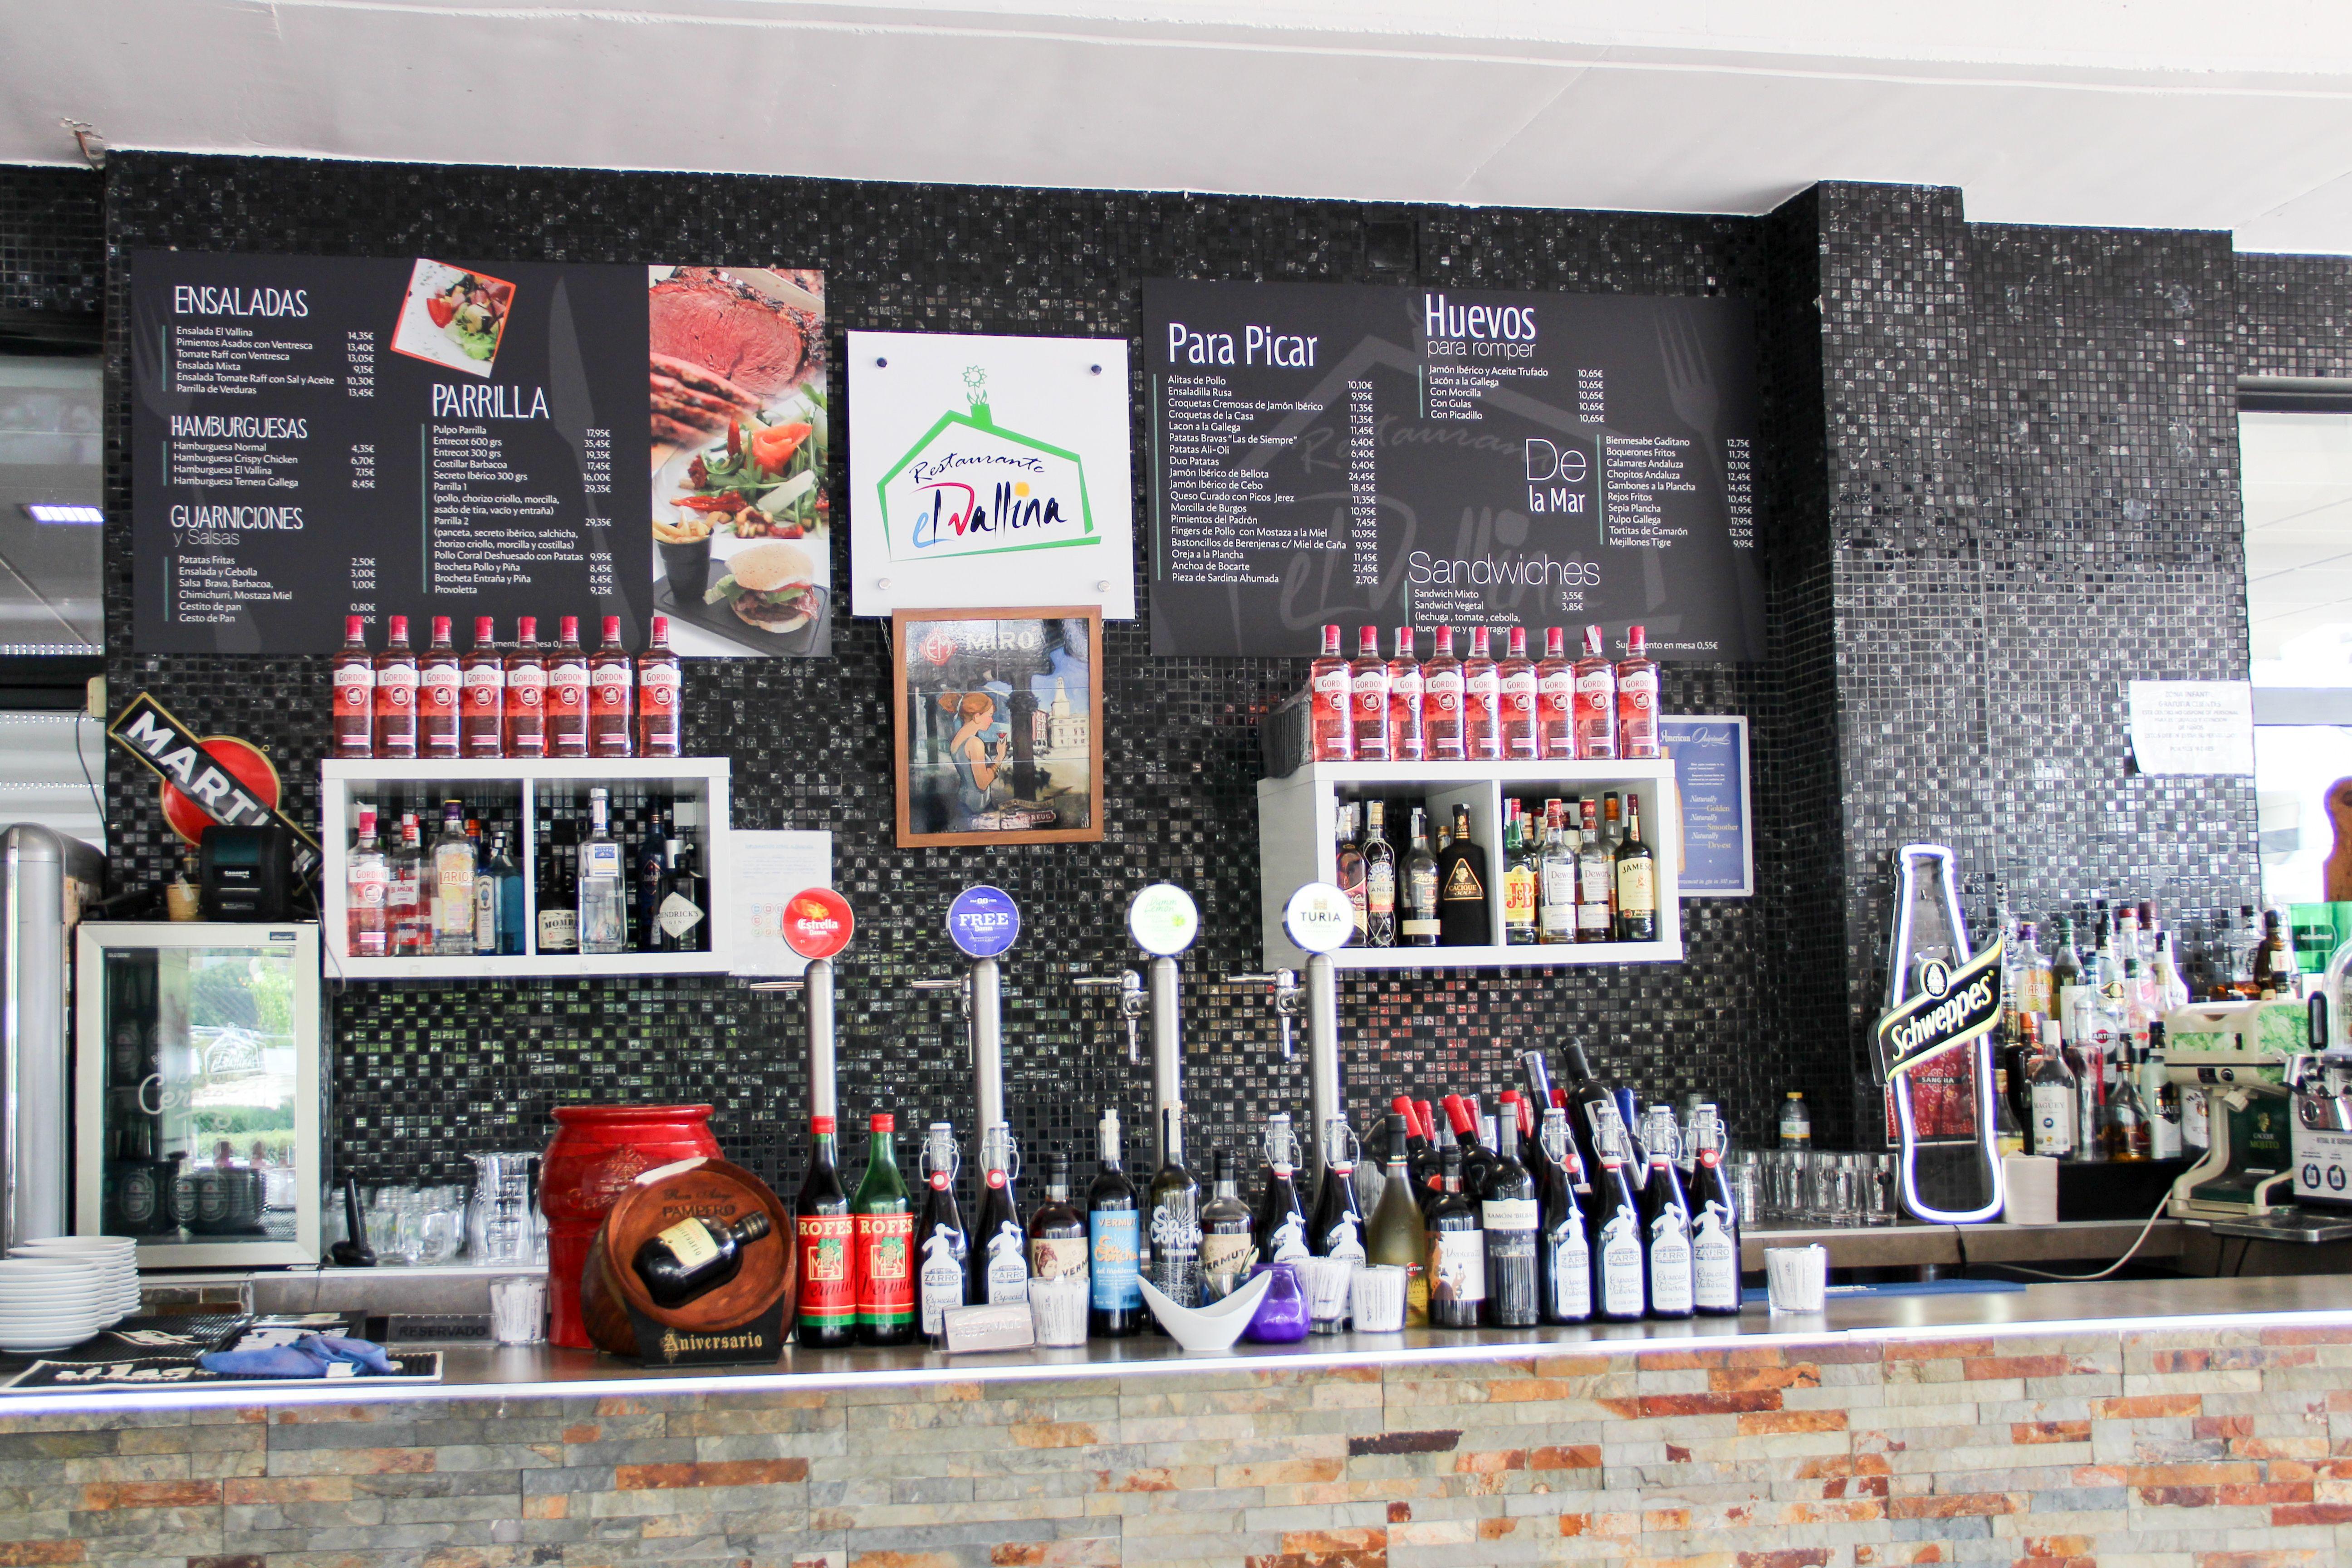 Foto 2 de Restaurante en Rivas-Vaciamadrid | El Vallina